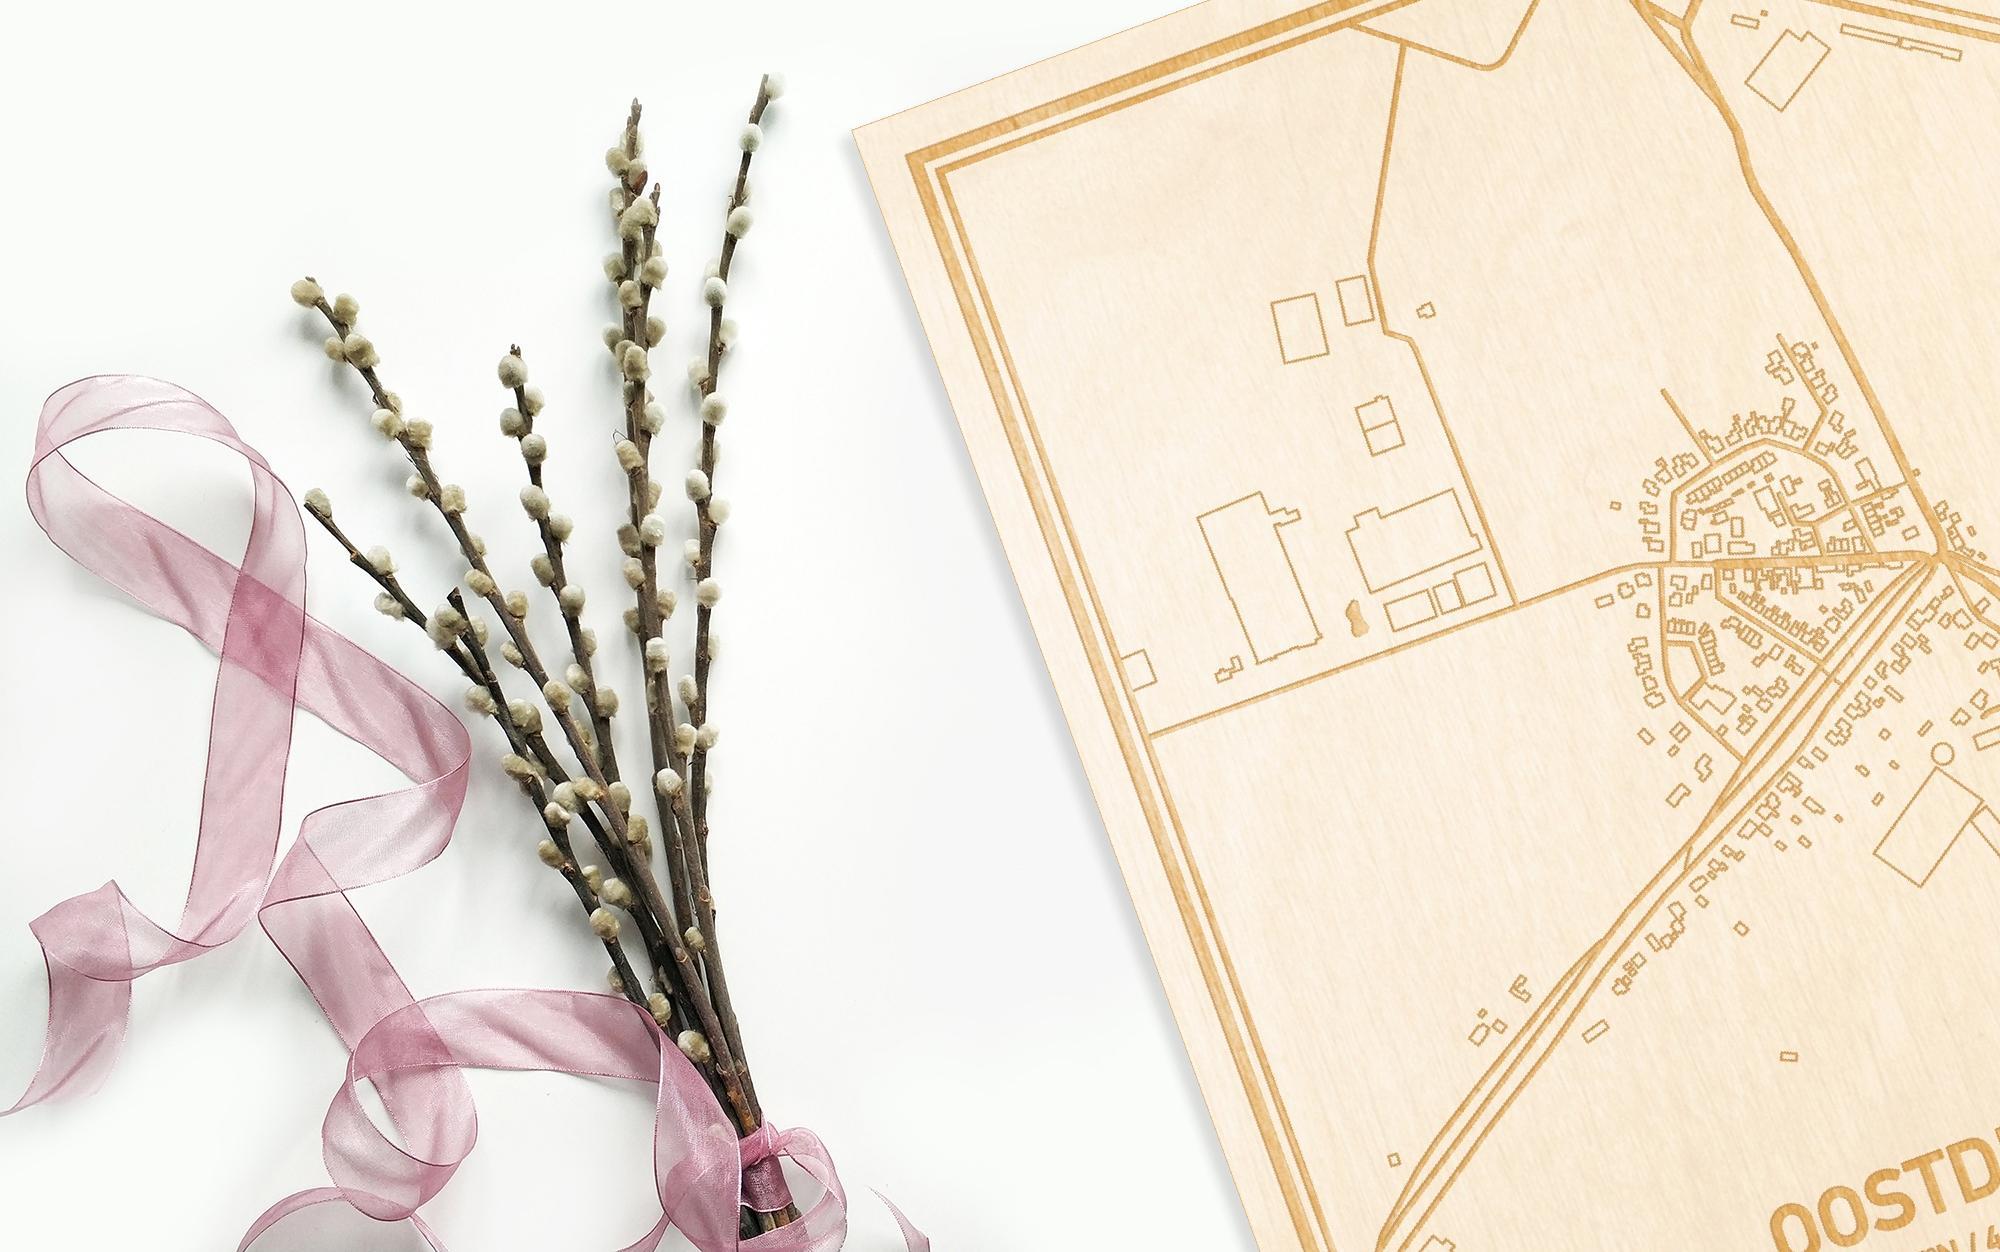 Hier ligt de houten plattegrond Oostdijk naast een bloemetje als gepersonaliseerd cadeau voor haar.